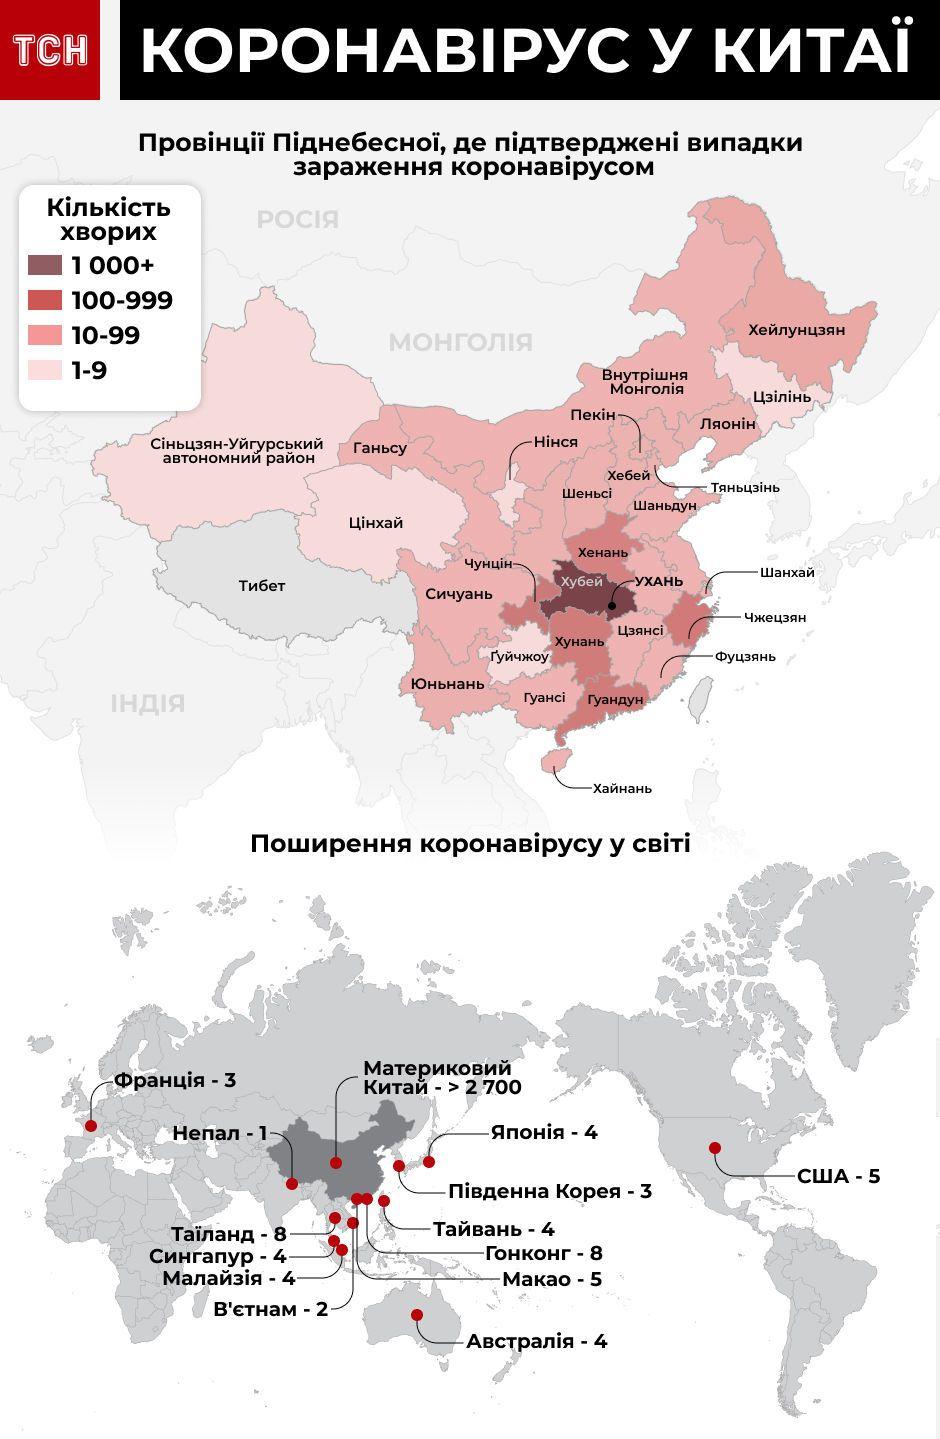 Розповсюдження коронавірусу в світі, вірус у Китаї, оновлена інфографіка 27 січня